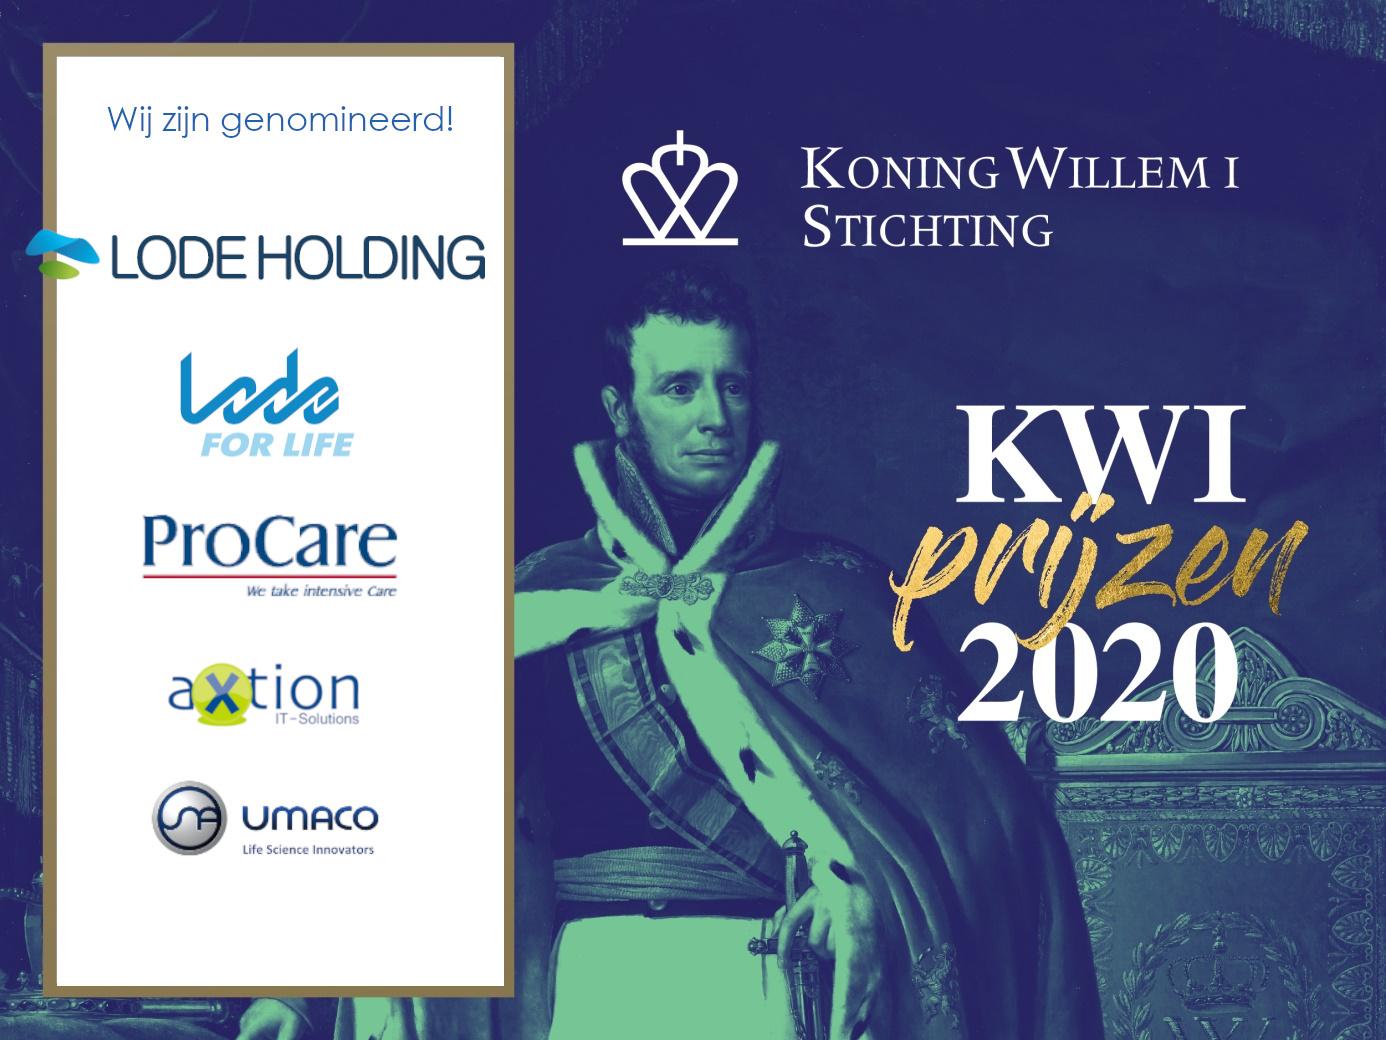 We zijn genomineerd voor de Koning Willem I prijs!